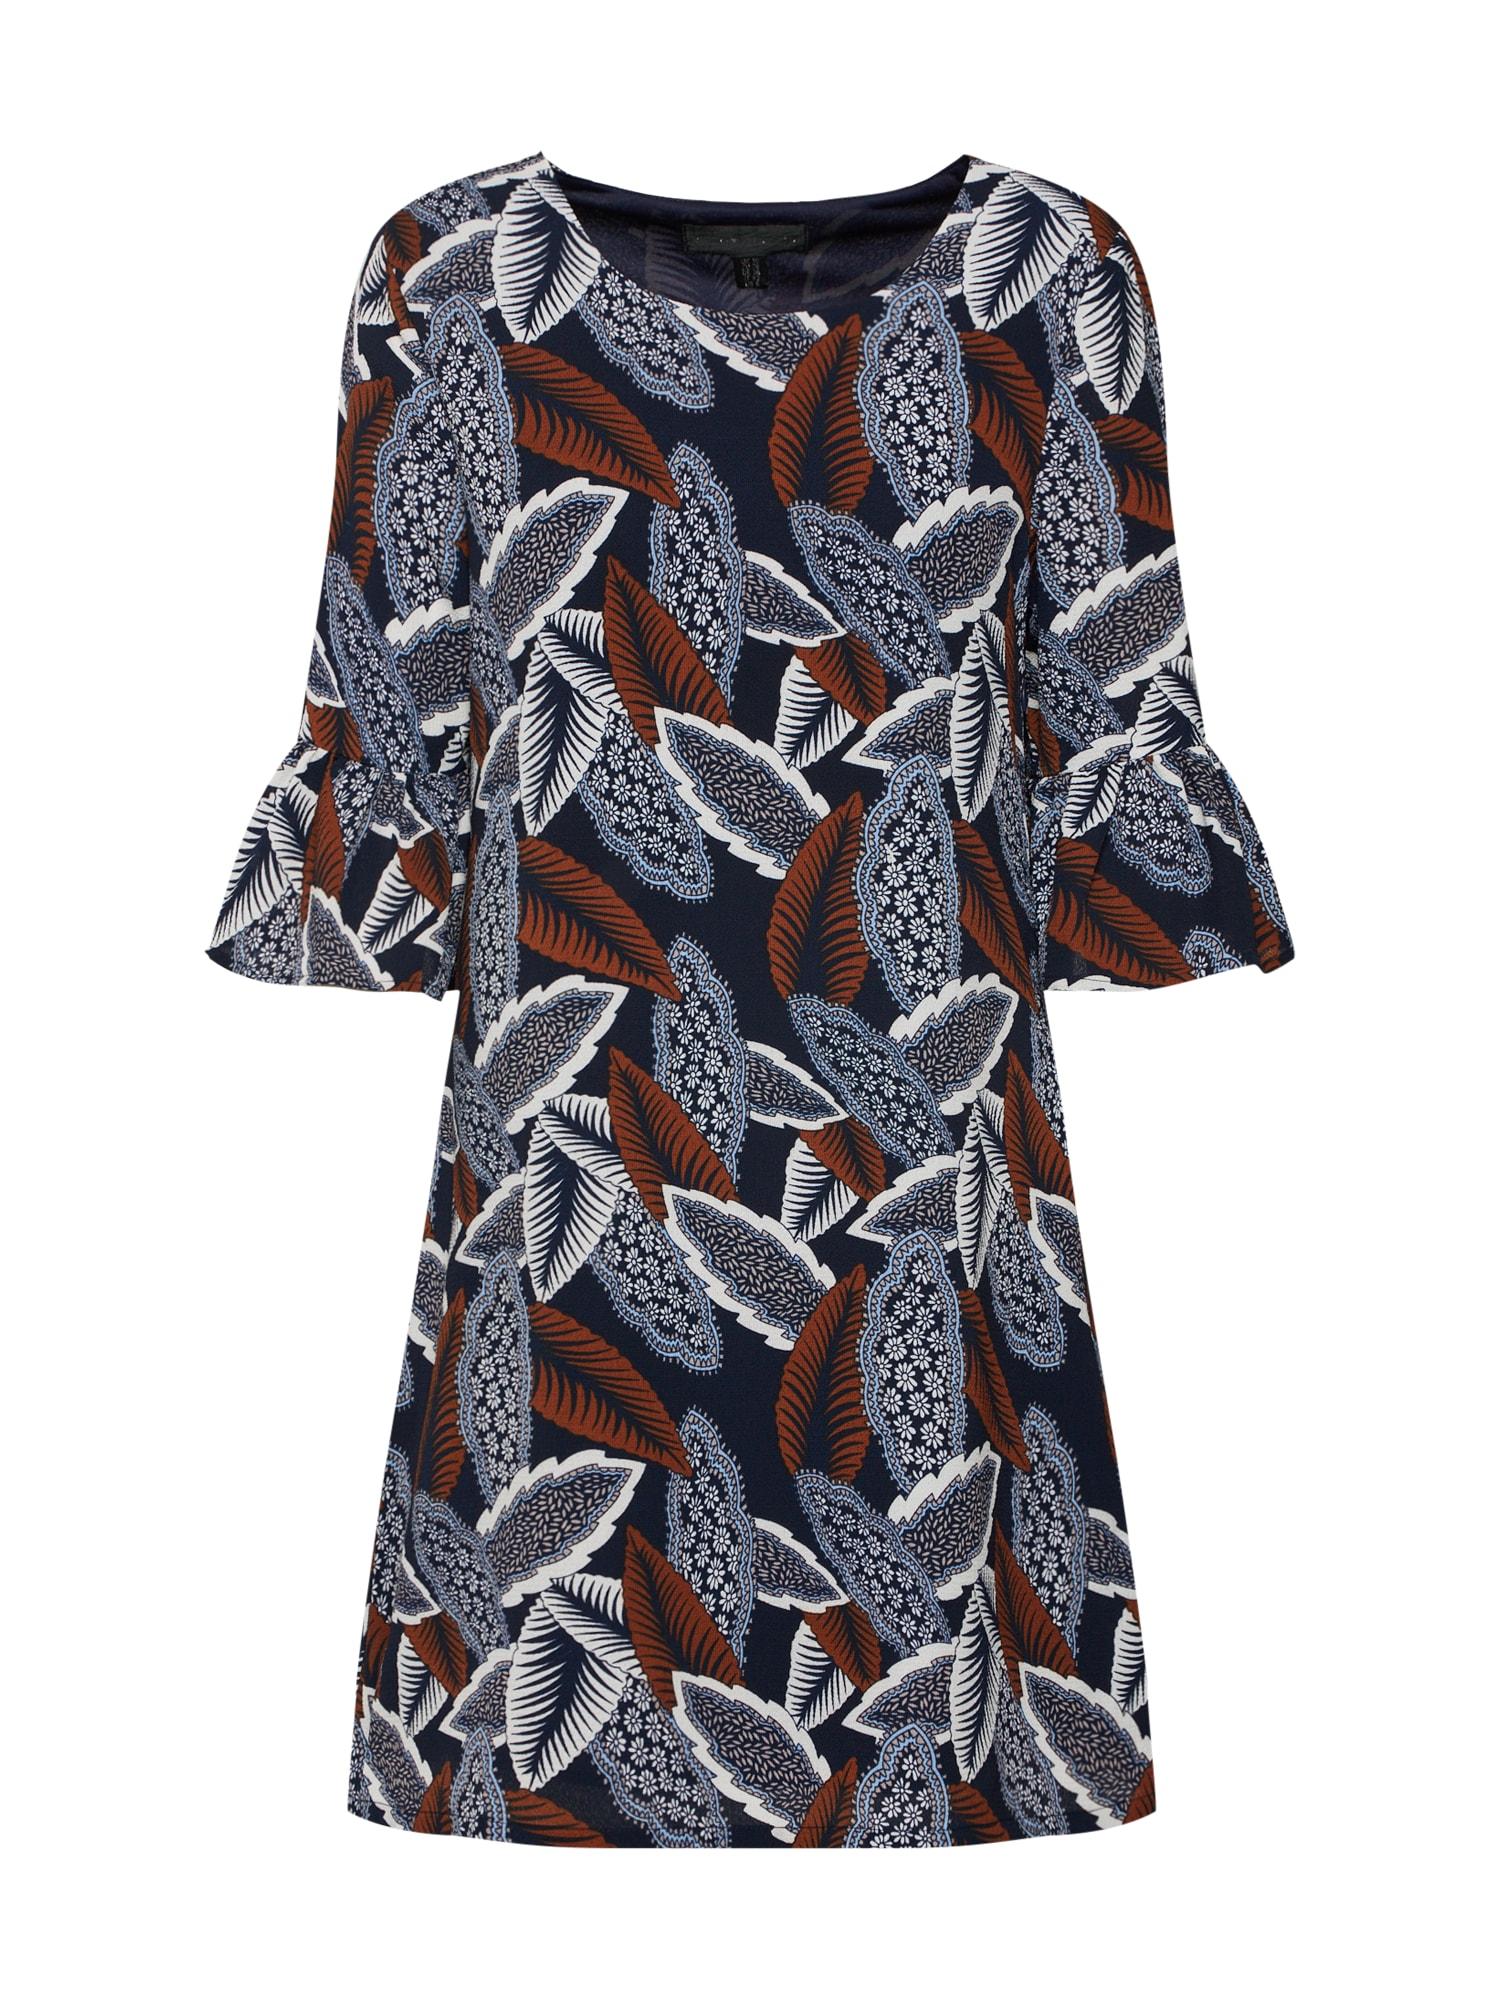 Šaty LEAF PRINT SHIFT námořnická modř kouřově modrá Mela London